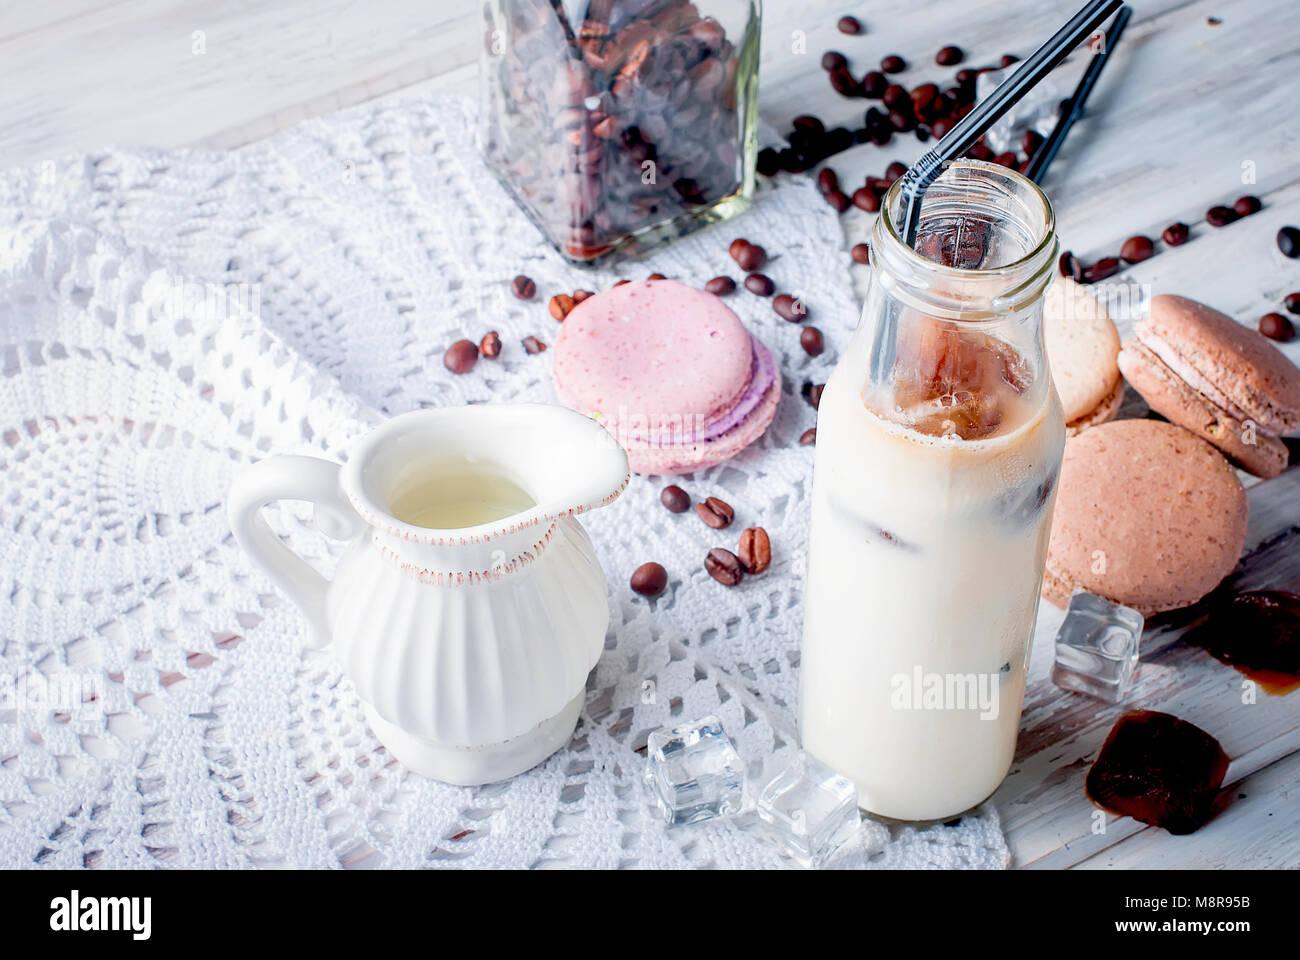 Il ghiaccio da caffè in vetro, amaretti,, pezzi di cioccolato e chicchi di caffè su una tabella di colore Immagini Stock